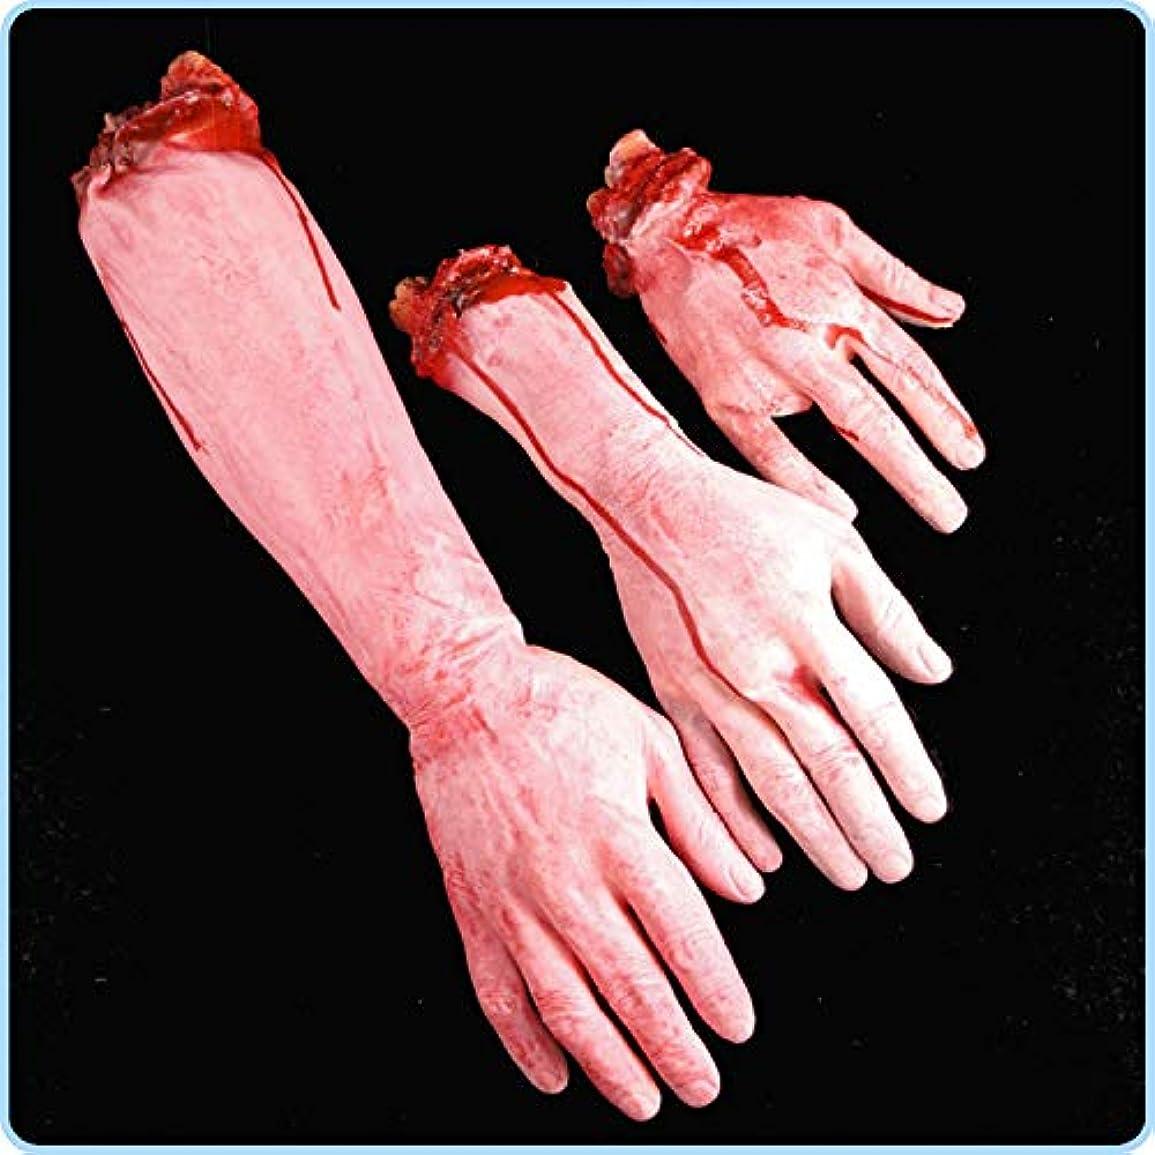 耐えられないアルファベットアラートETRRUU HOME ハロウィン小道具バーKTV装飾用品リアルなホラー偽の血のホラー大きな壊れた手壊れた足 (Size : S)